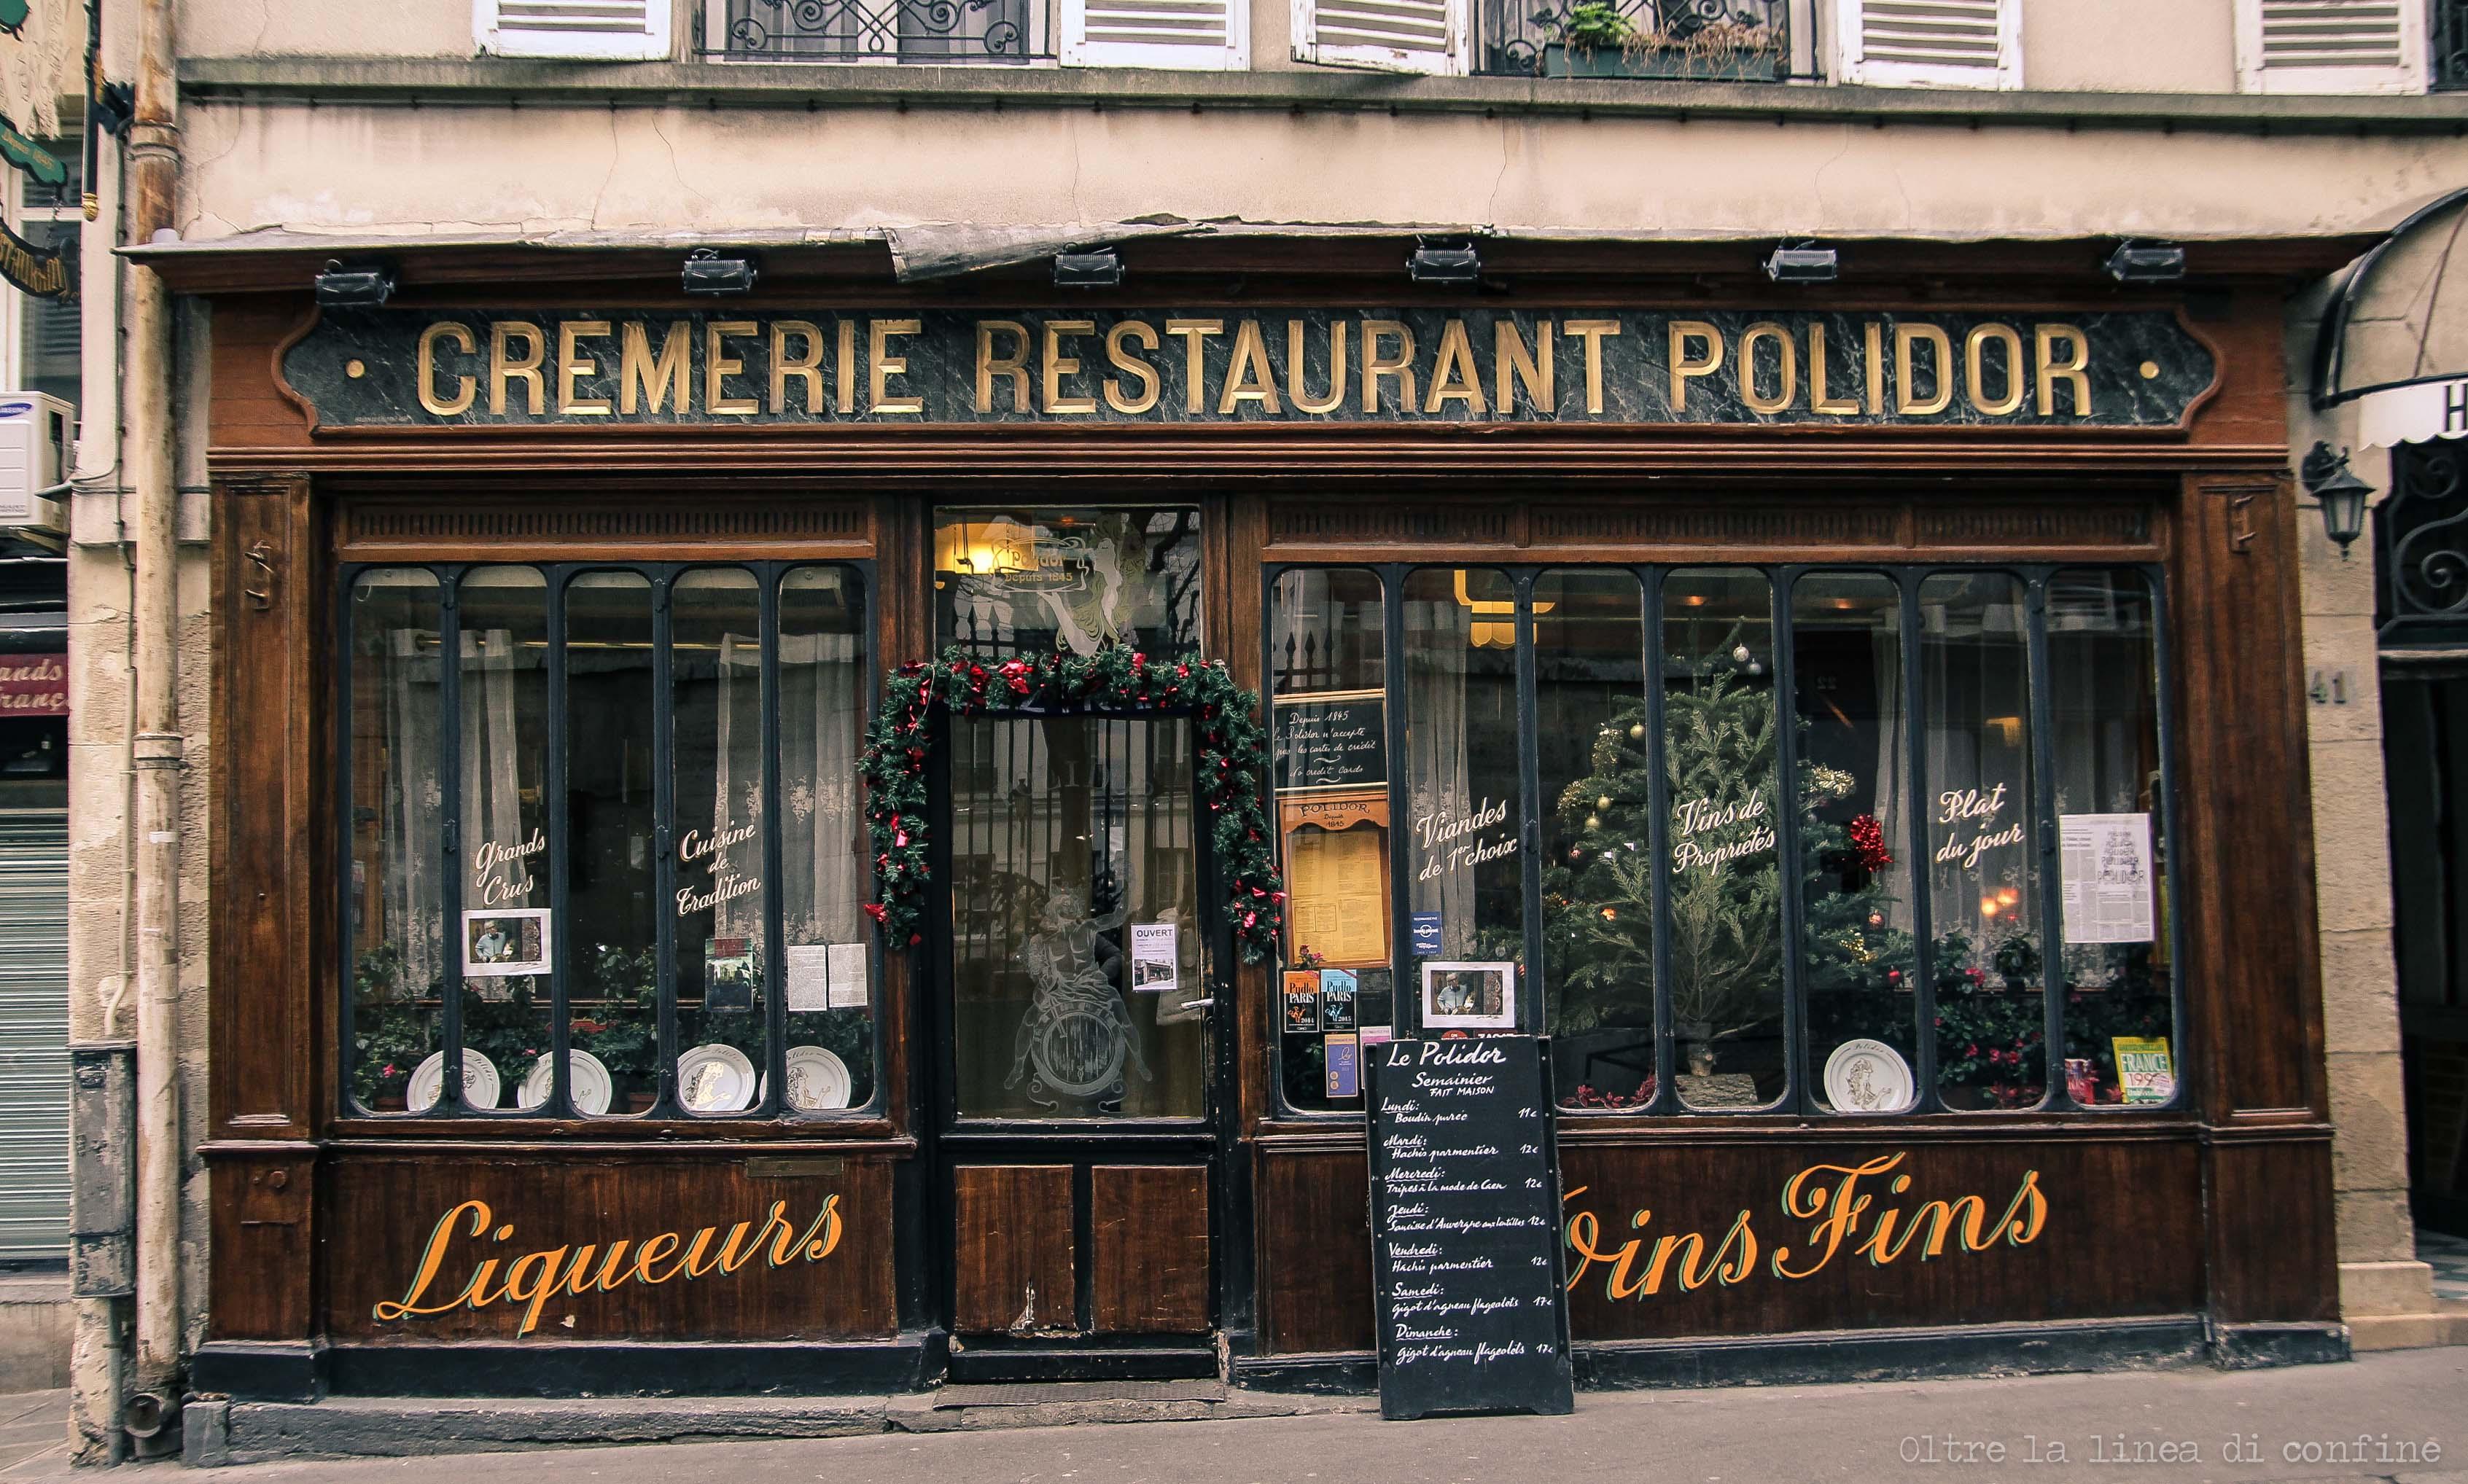 Parigi Cremerie Restaurant Polidor